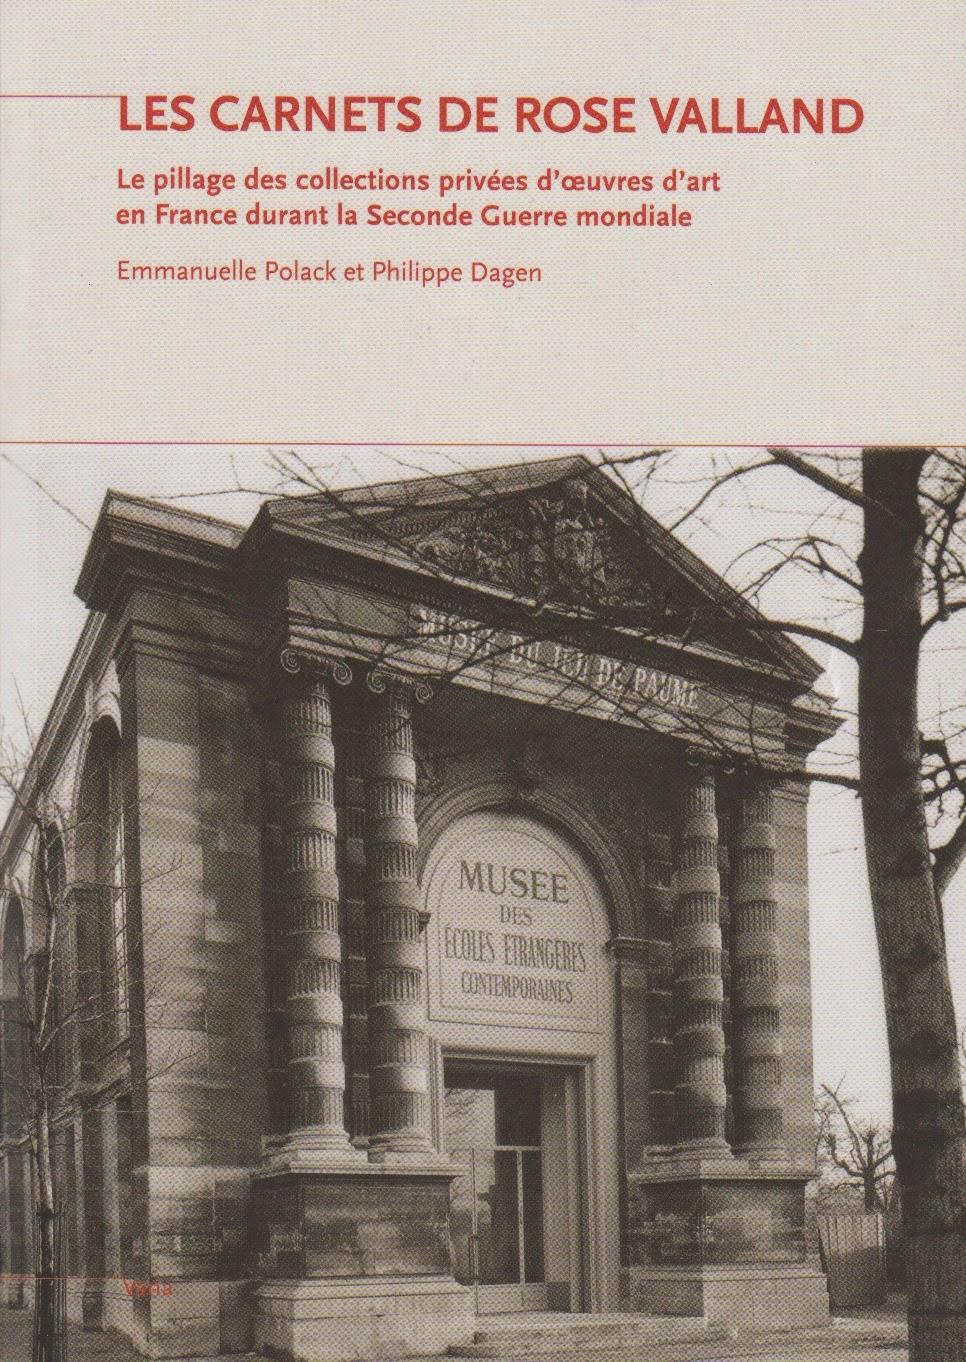 fran aises sous l 39 uniforme 1852 1993 livres rose valland le front de l 39 art mots cl s. Black Bedroom Furniture Sets. Home Design Ideas